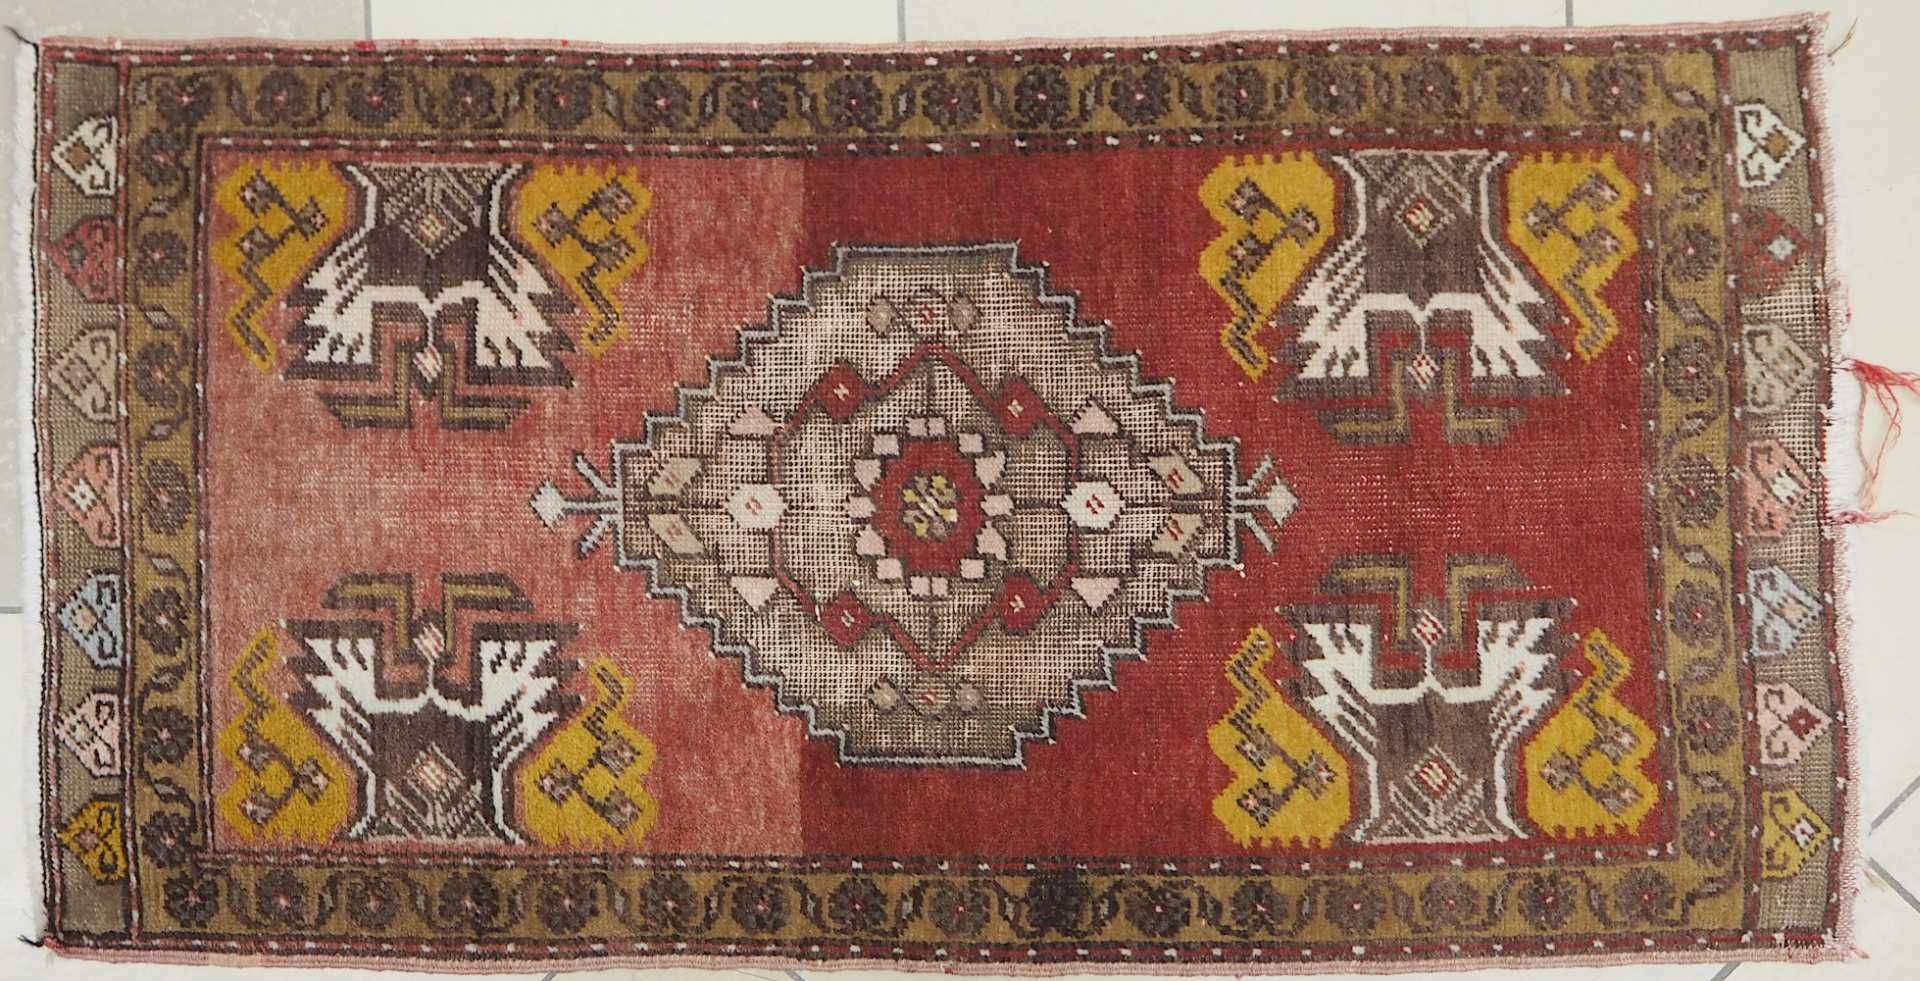 1 Konv. Teppiche 20. Jh.: Mittelfeld beigegrundig, Randbordüre rotgrundig, je florale - Bild 5 aus 7